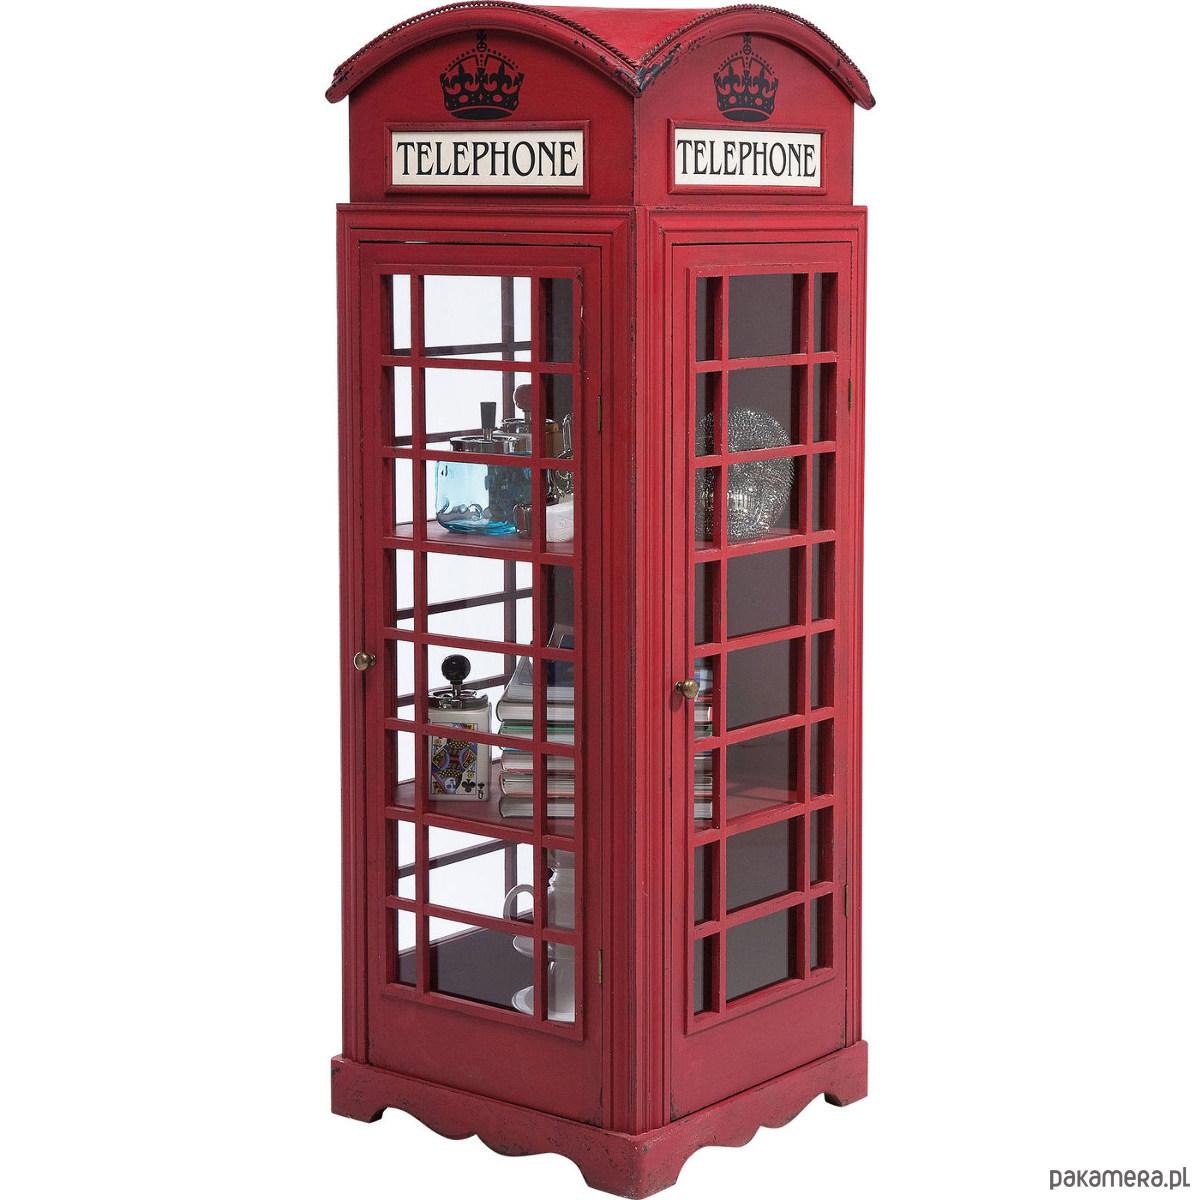 Poważnie Witryna Barek londyńska budka telefoniczna - meble - komody i MB42